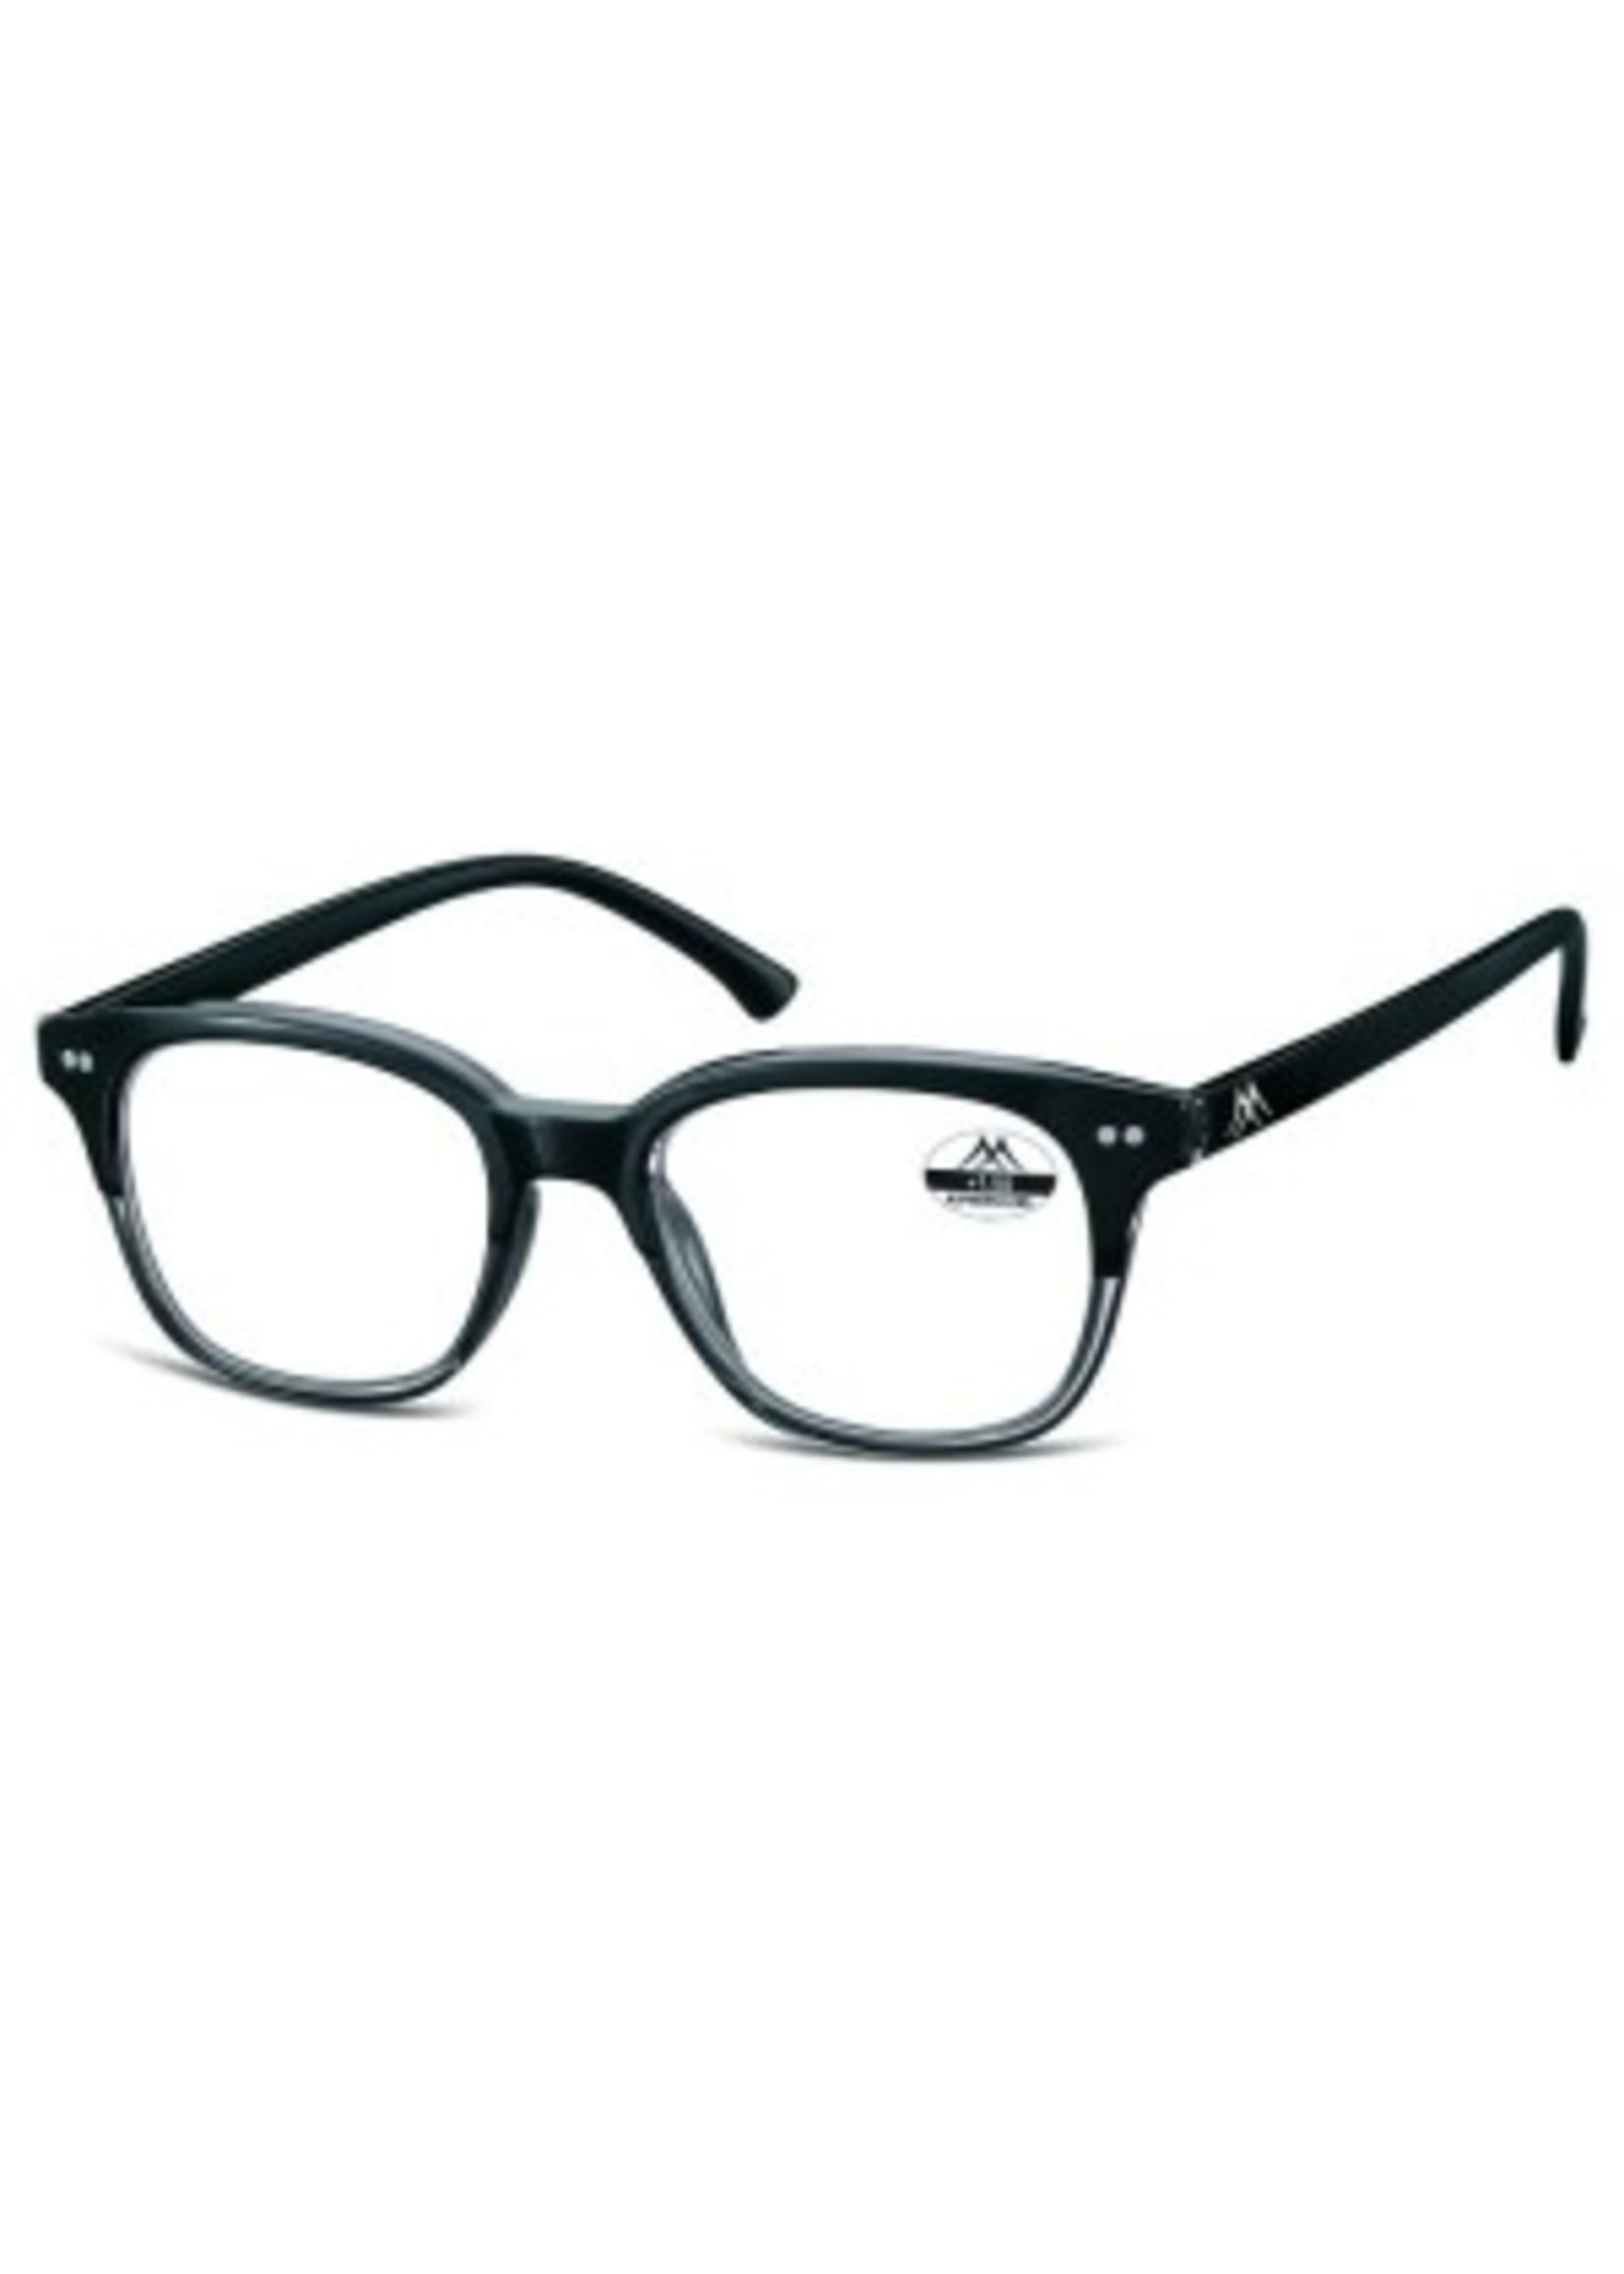 Vintage leesbril in zwart grijs